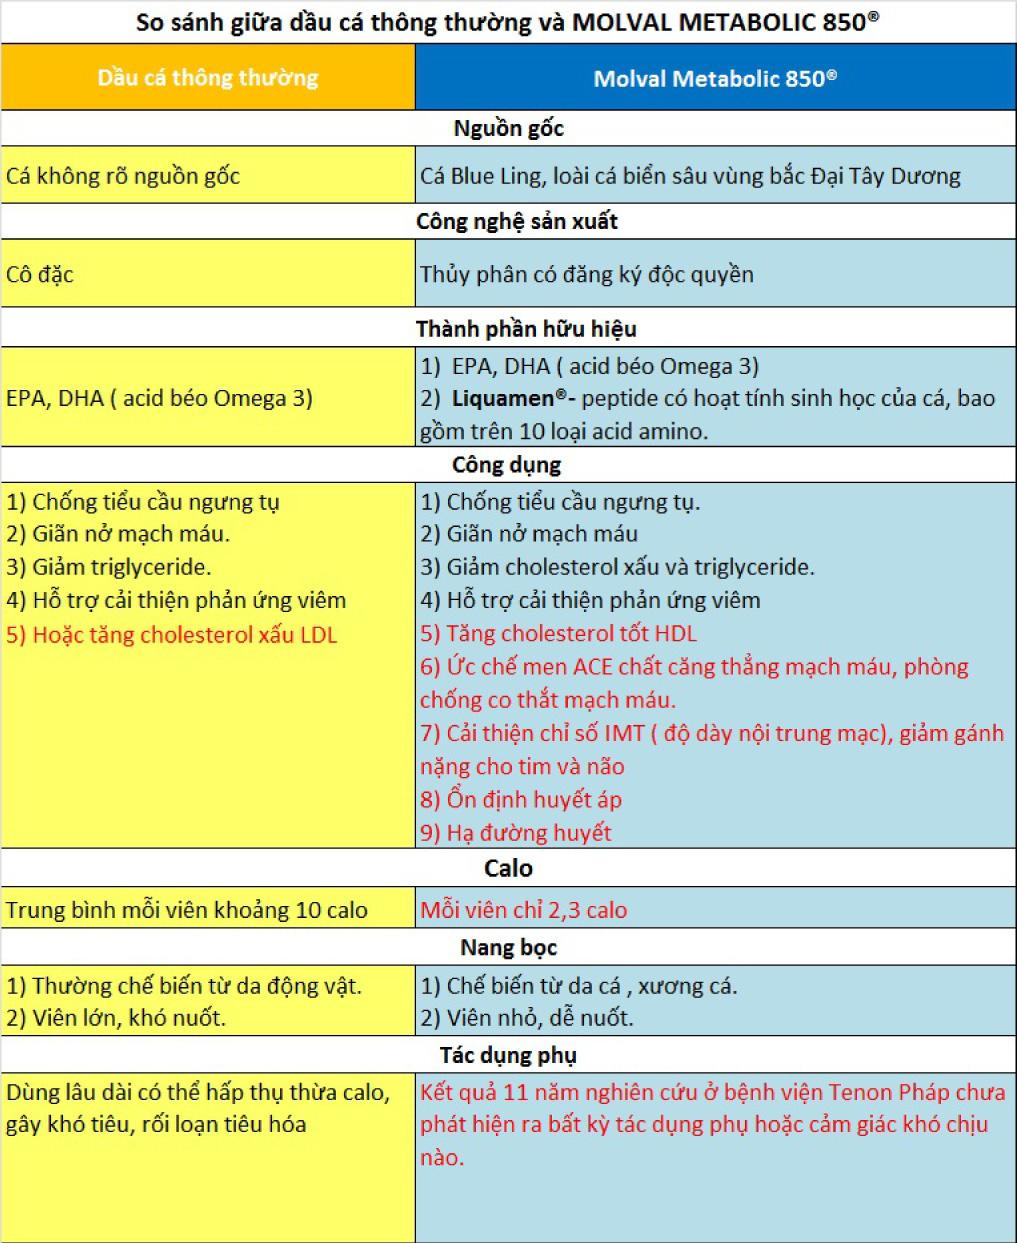 So sánh giữa dầu cá thông thường và Molval Metabolic 850®